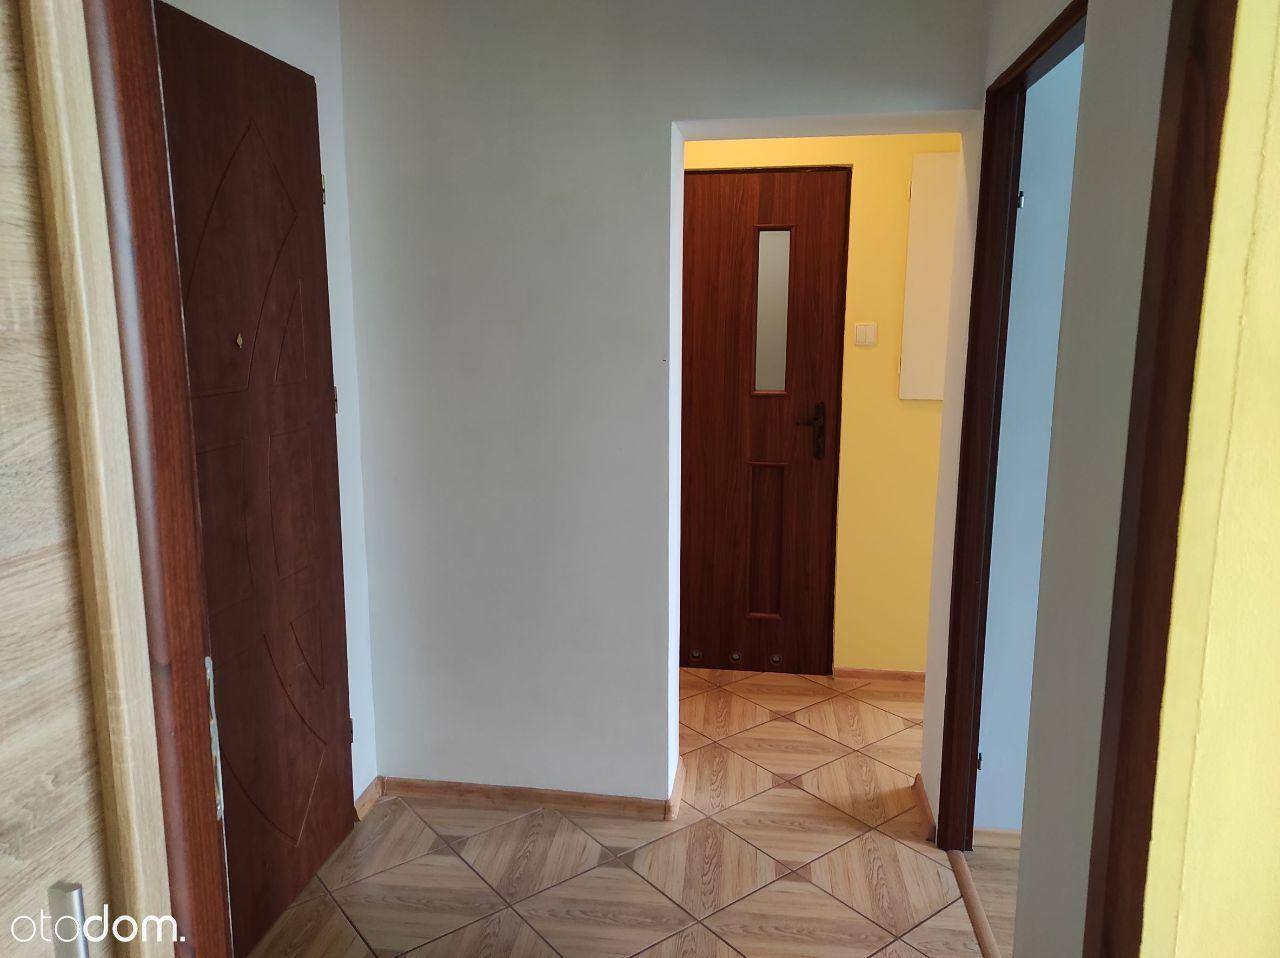 Rezerwacja, Mieszkanie w bloku, 2 pokoje